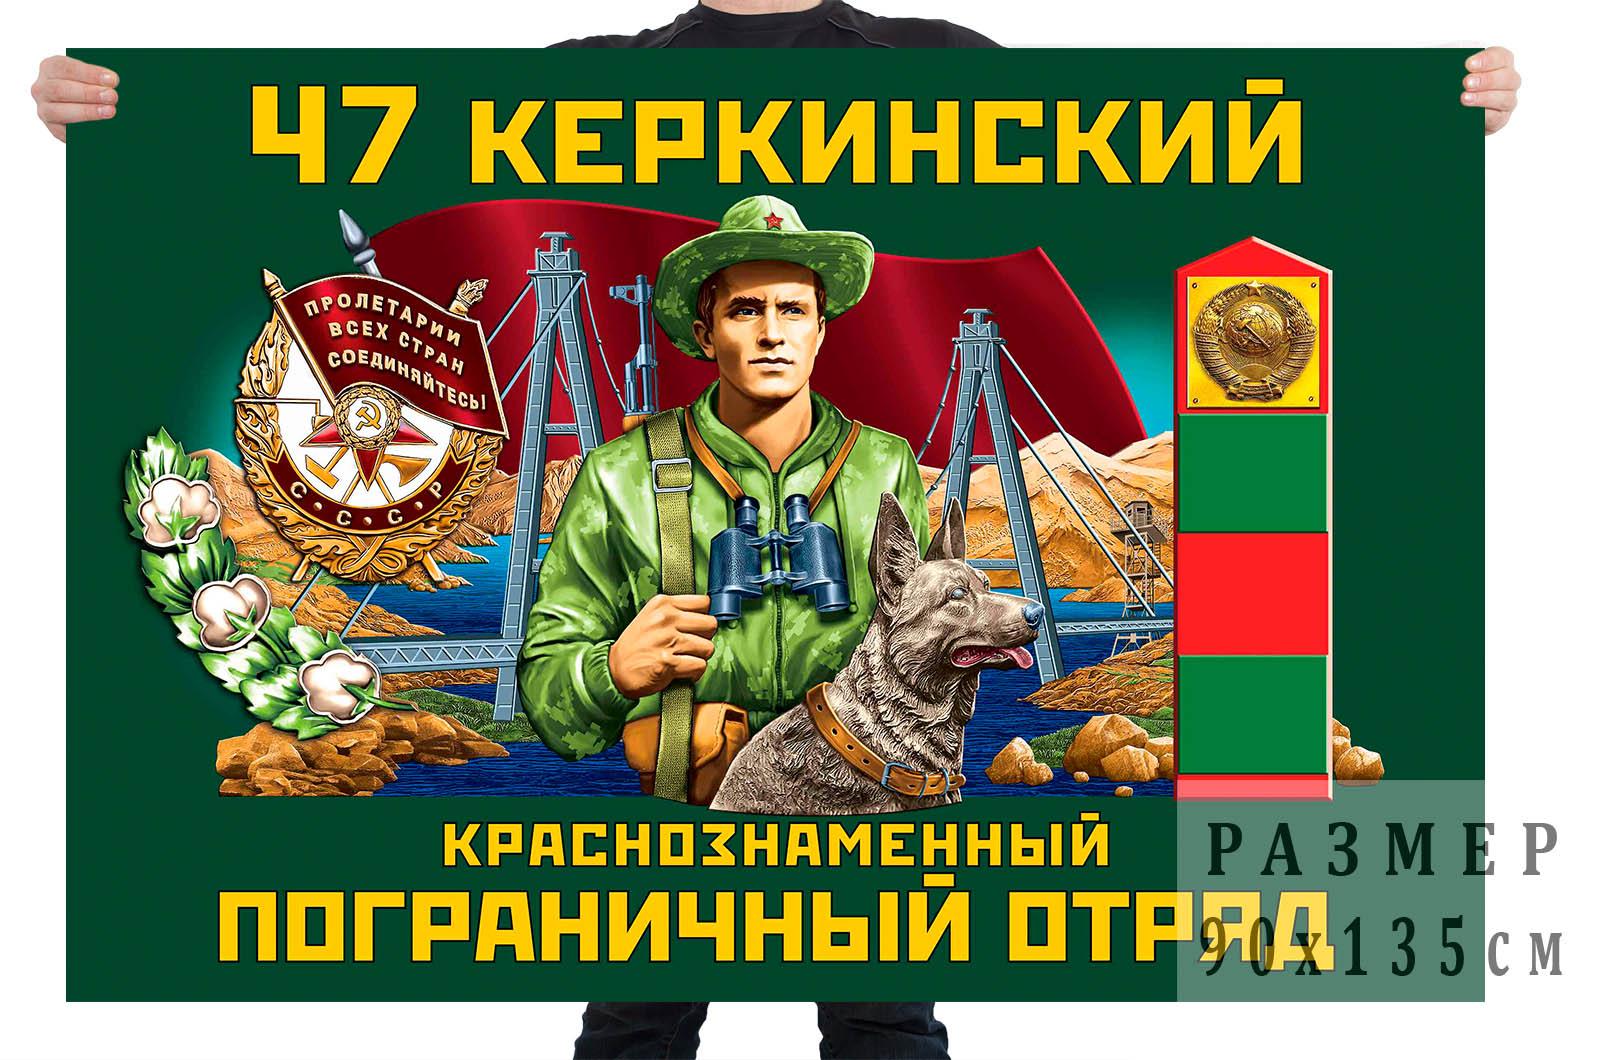 Флаг 47 Керкинского Краснознамённого пограничного отряда